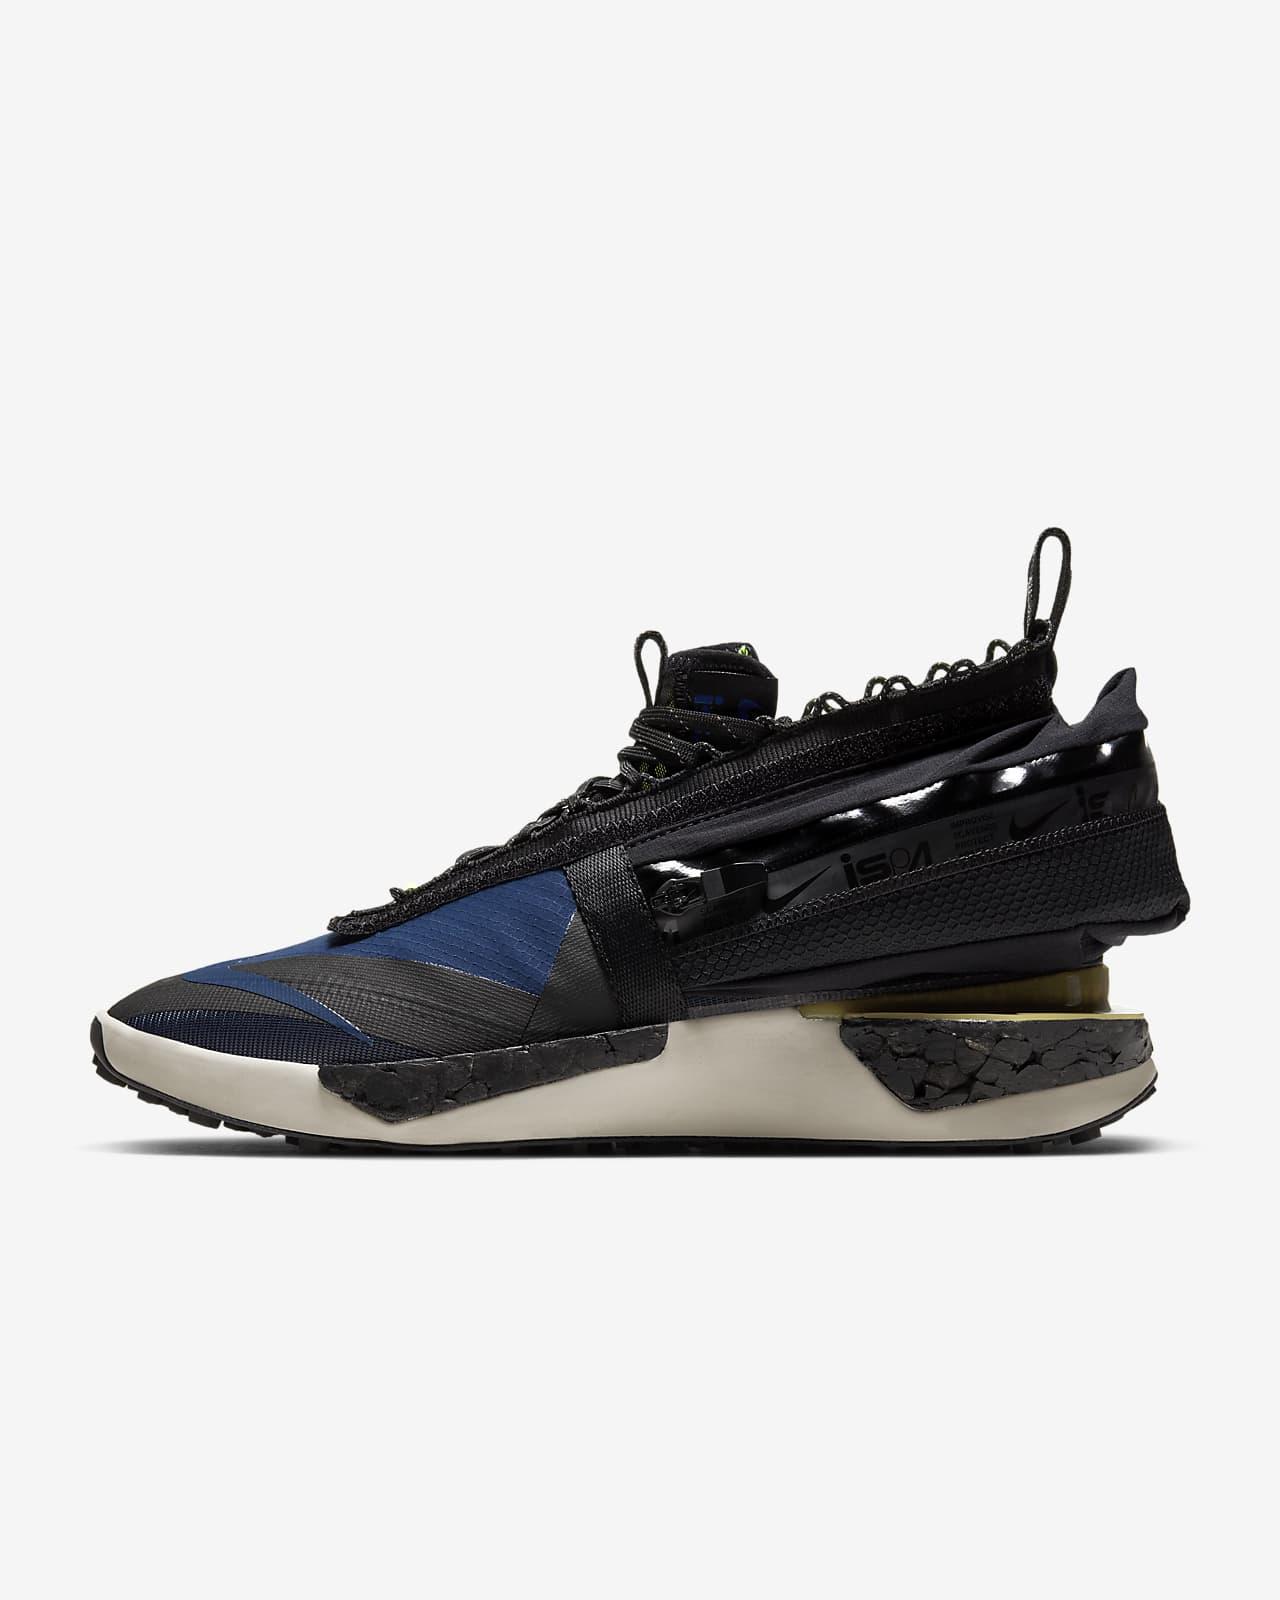 รองเท้า Nike ISPA Drifter Gator